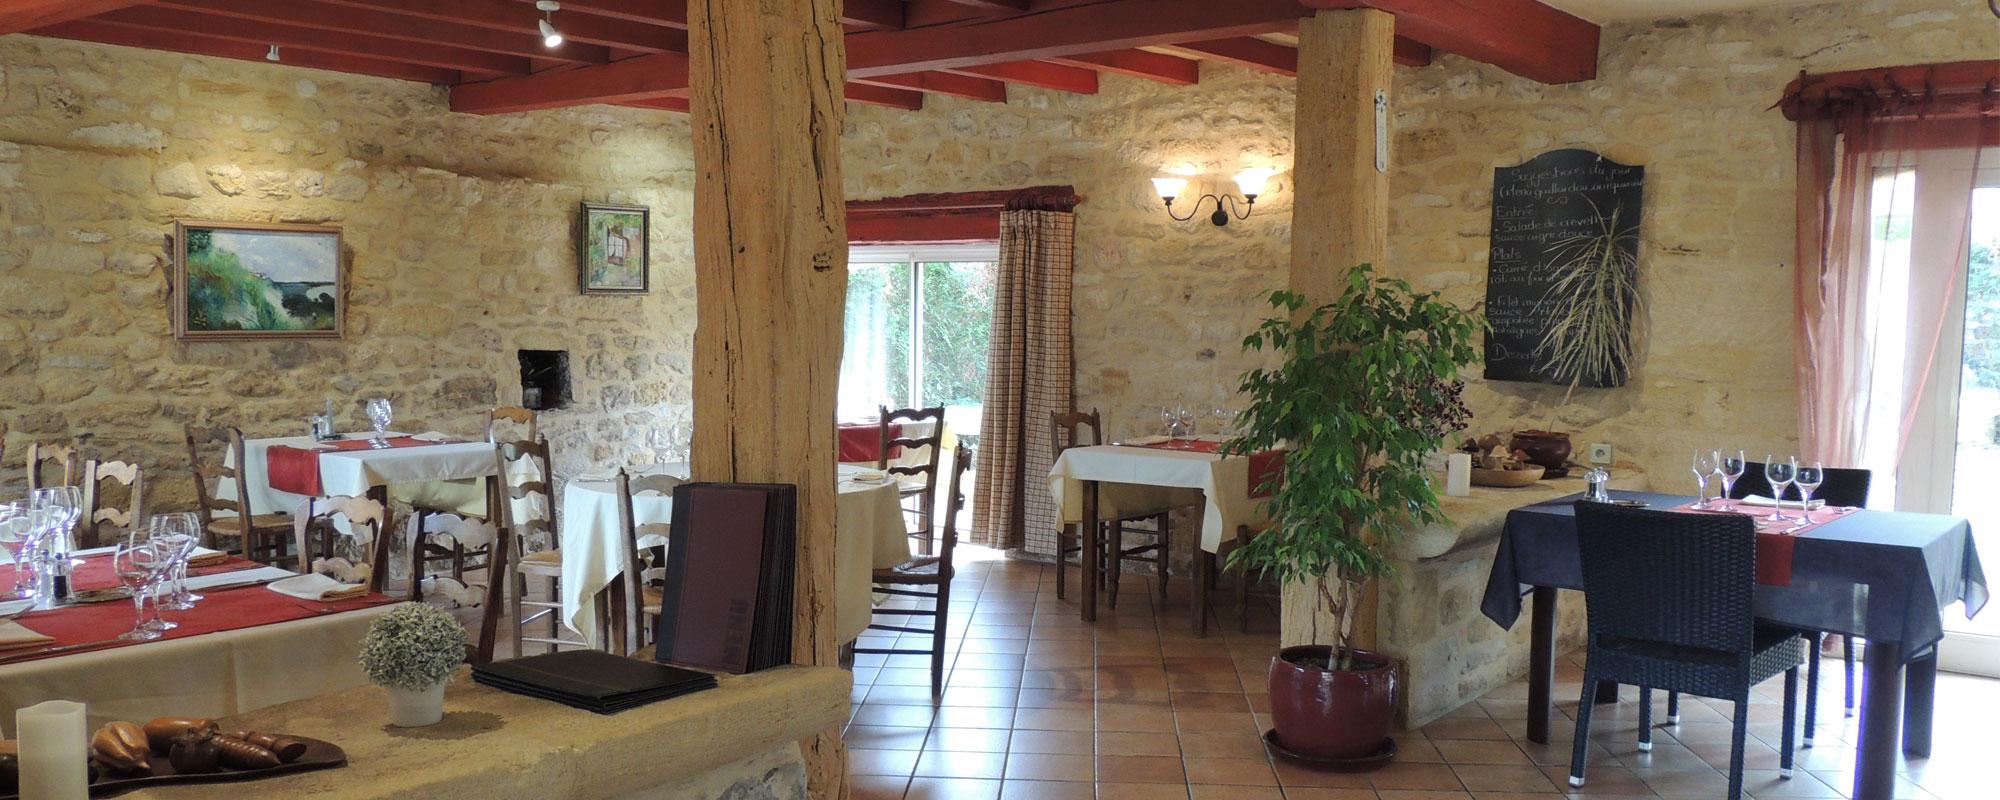 restaurant-la-roque-gageac